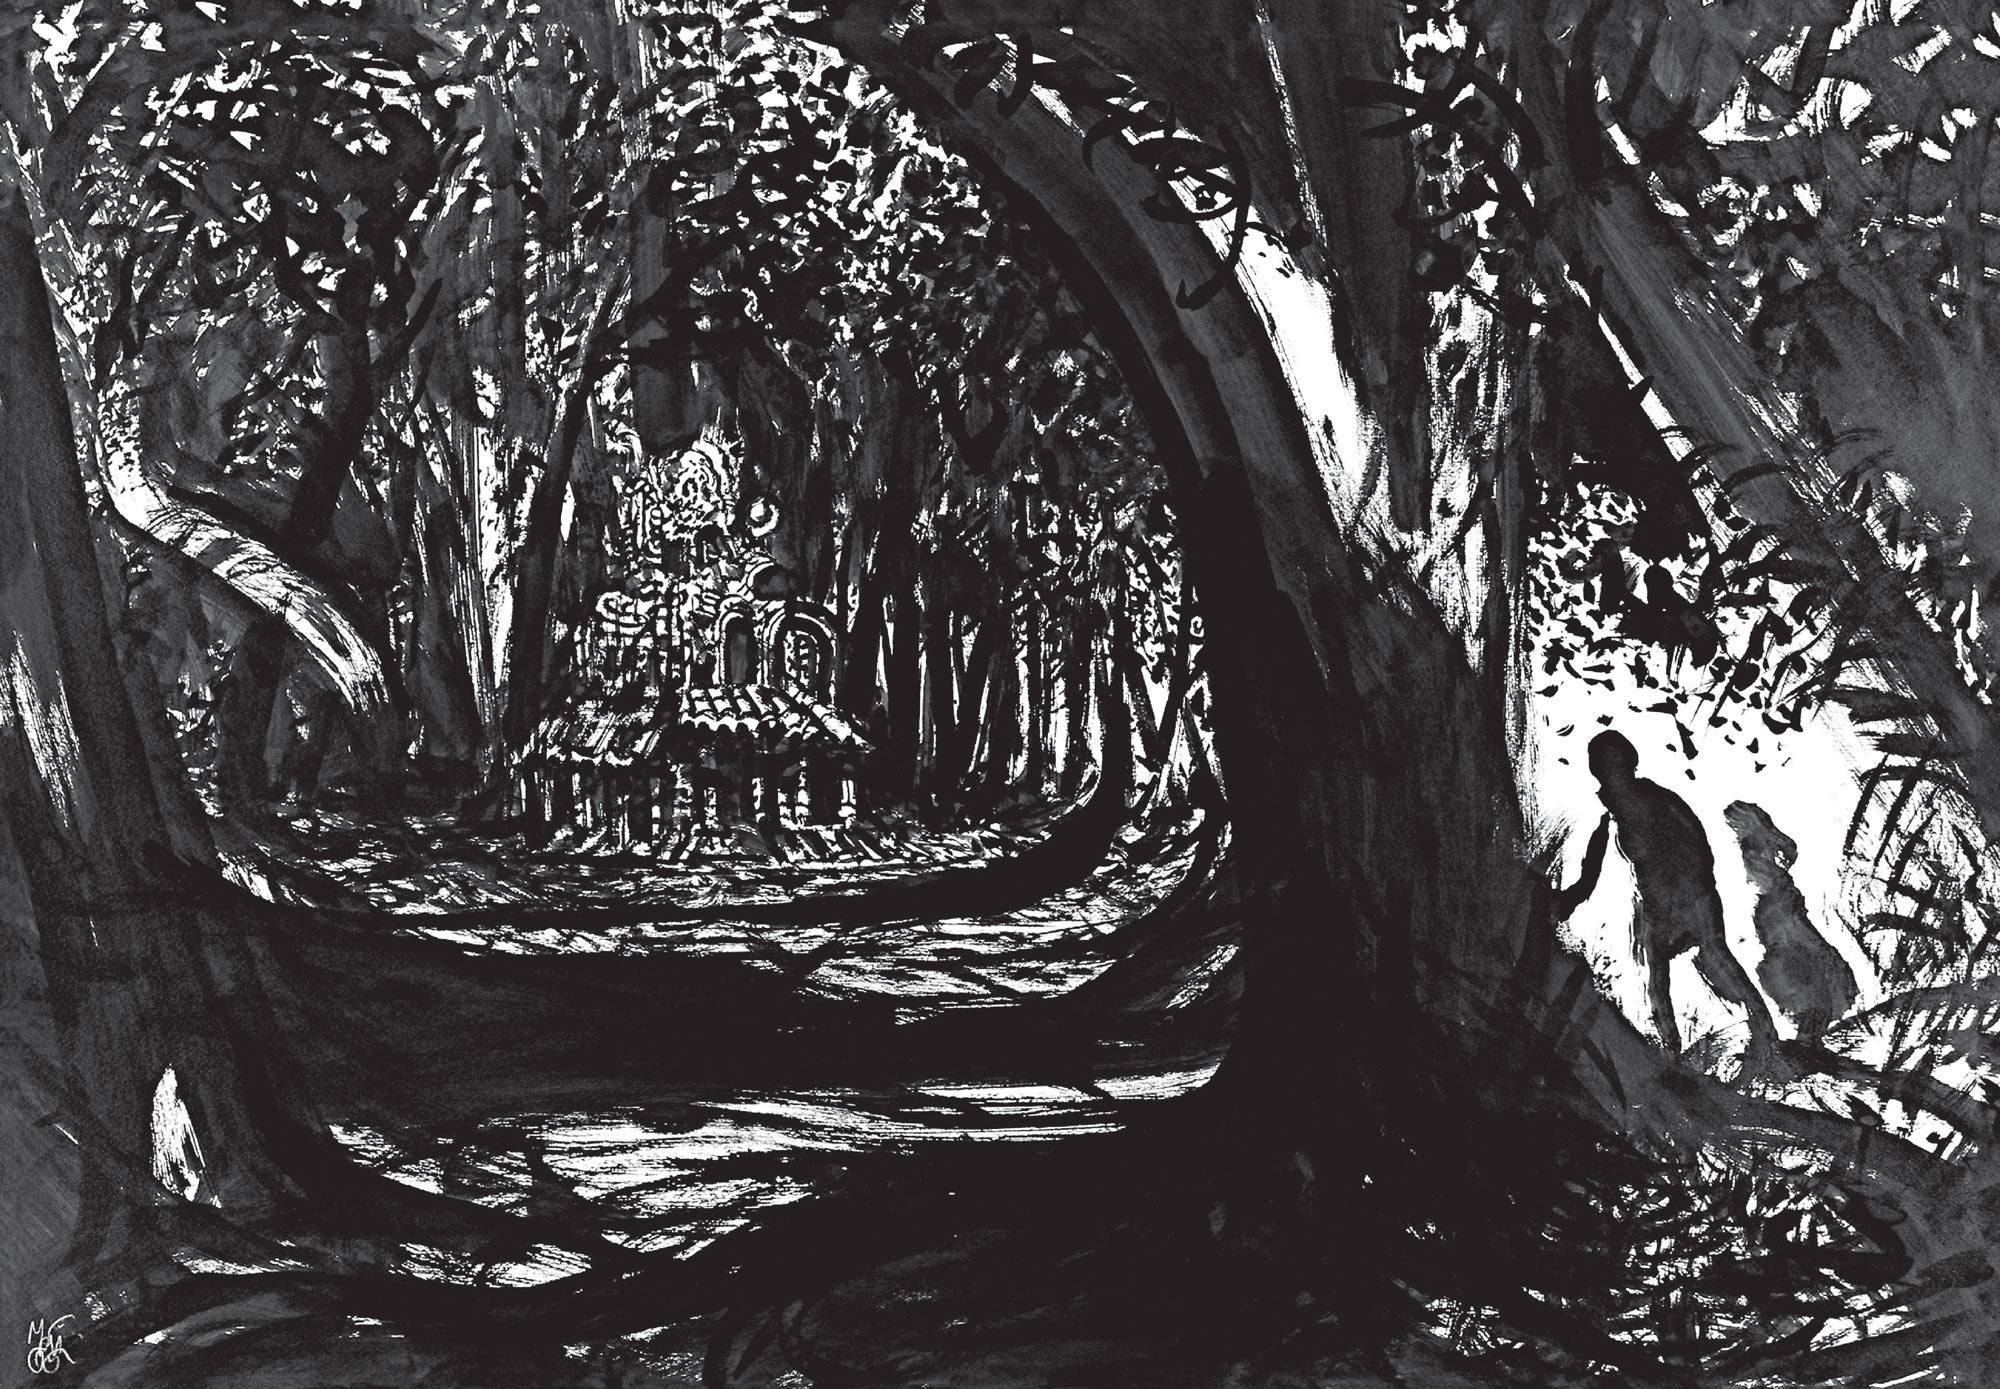 Hansel & Gretel by Neil Gaiman and Lorenzo Mattotti